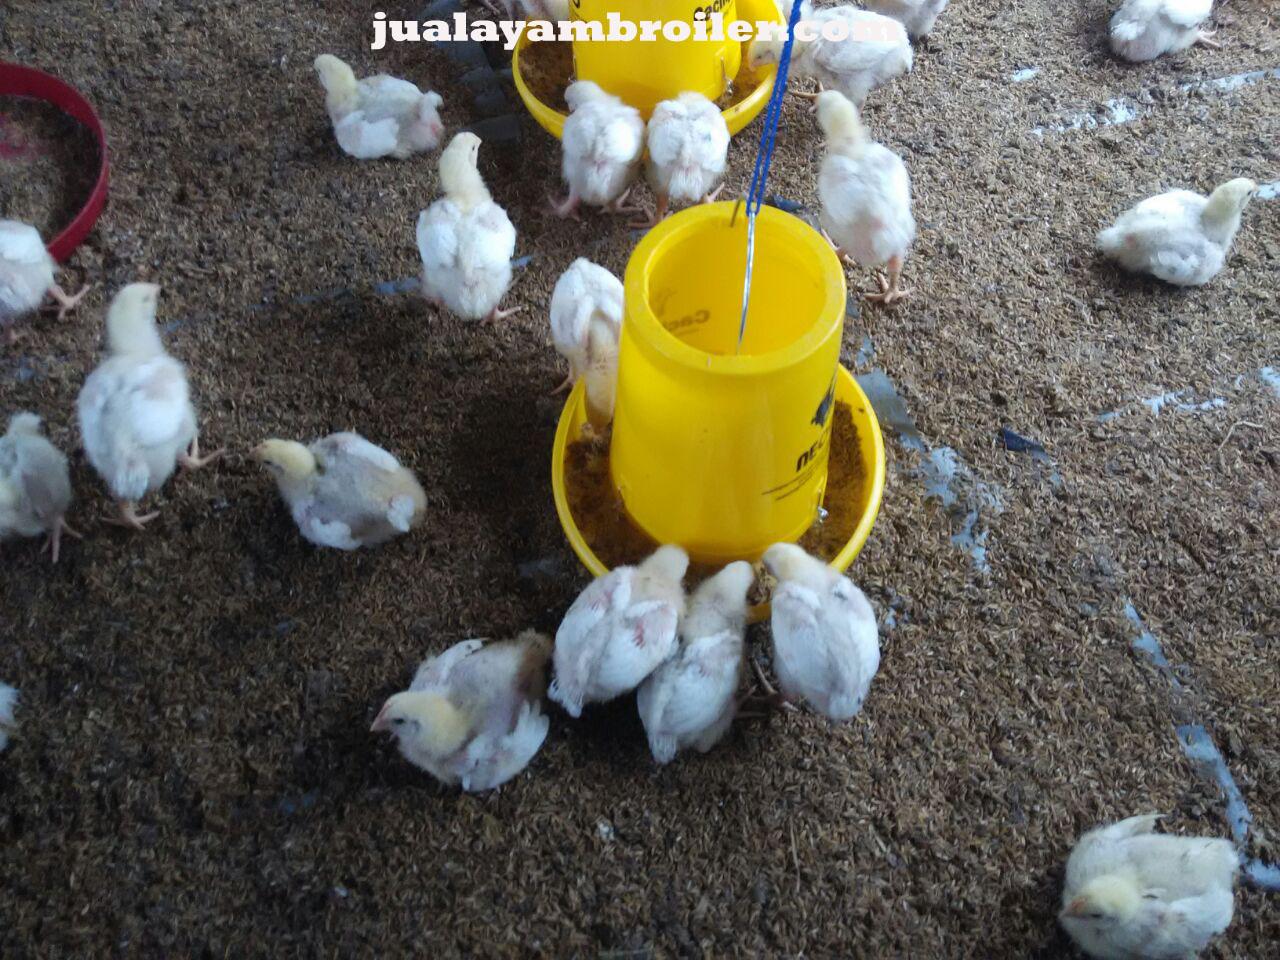 Jual Ayam Broiler di Bantar Gebang